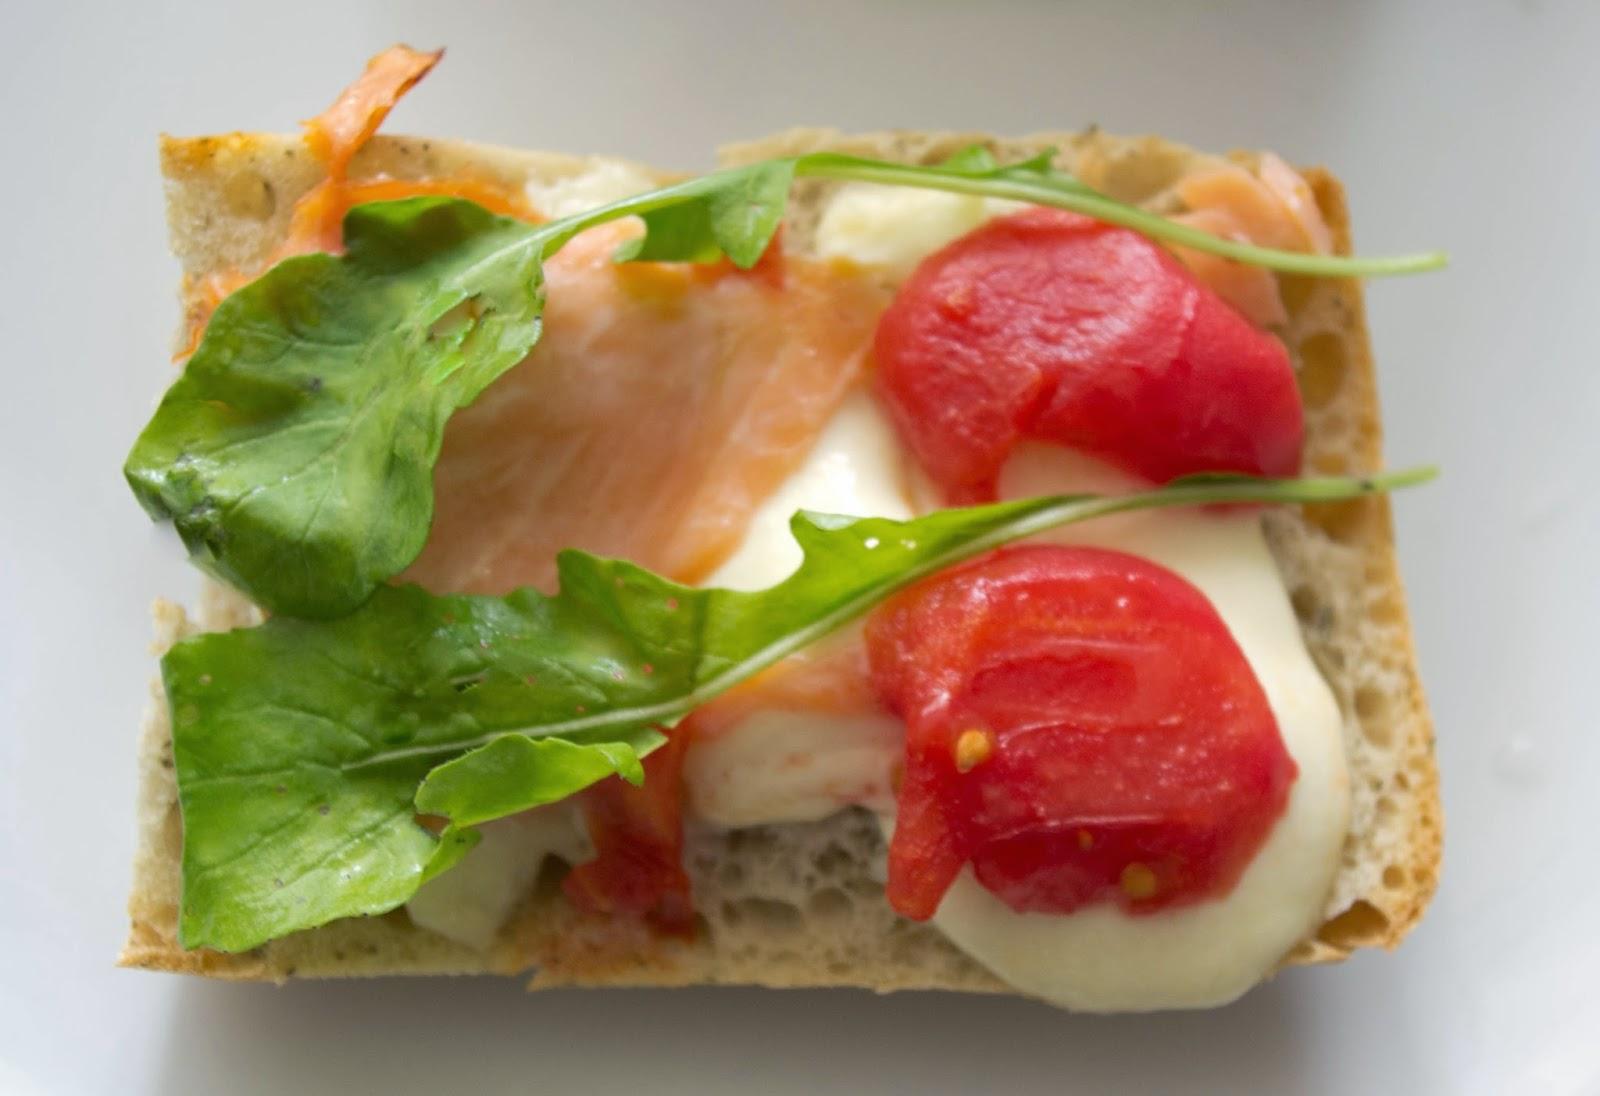 http://mojemenu.blogspot.com/2014/08/moje-menu-na-cay-dzien-sezonowe-warzywa.html